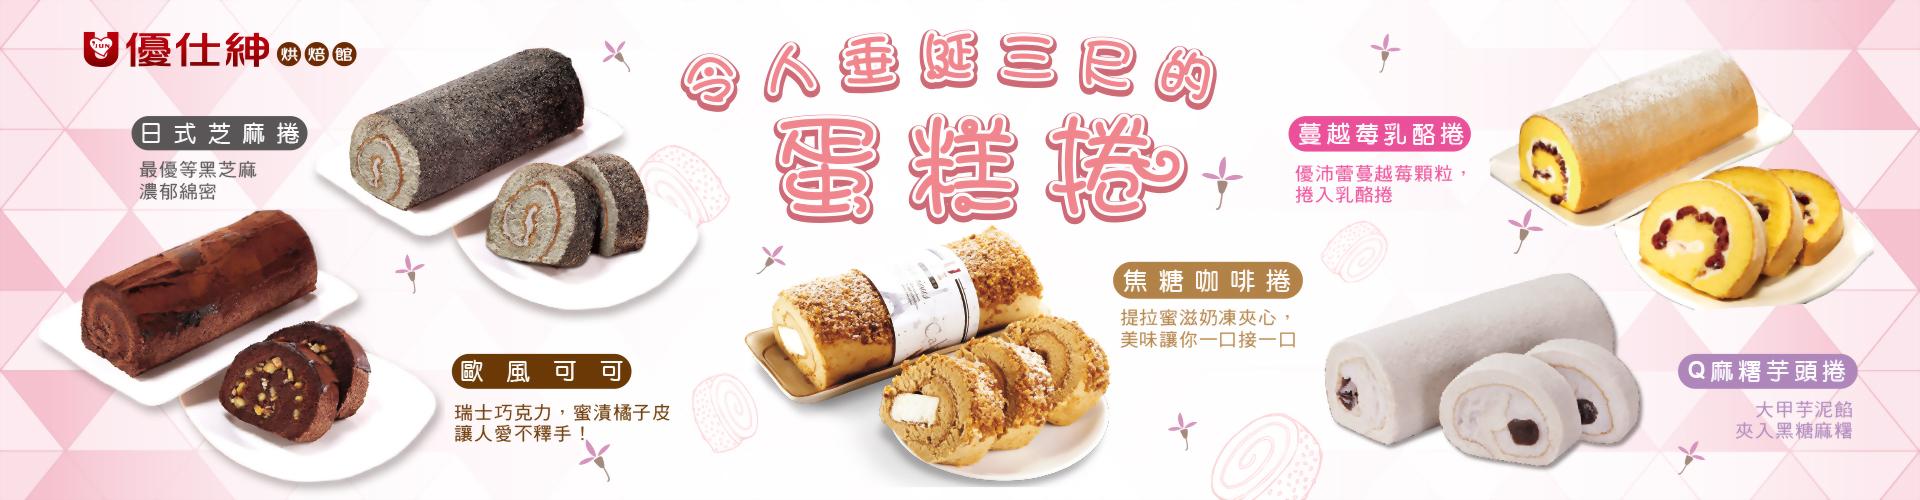 優仕紳麵包 | 彌月蛋糕任選2盒368元